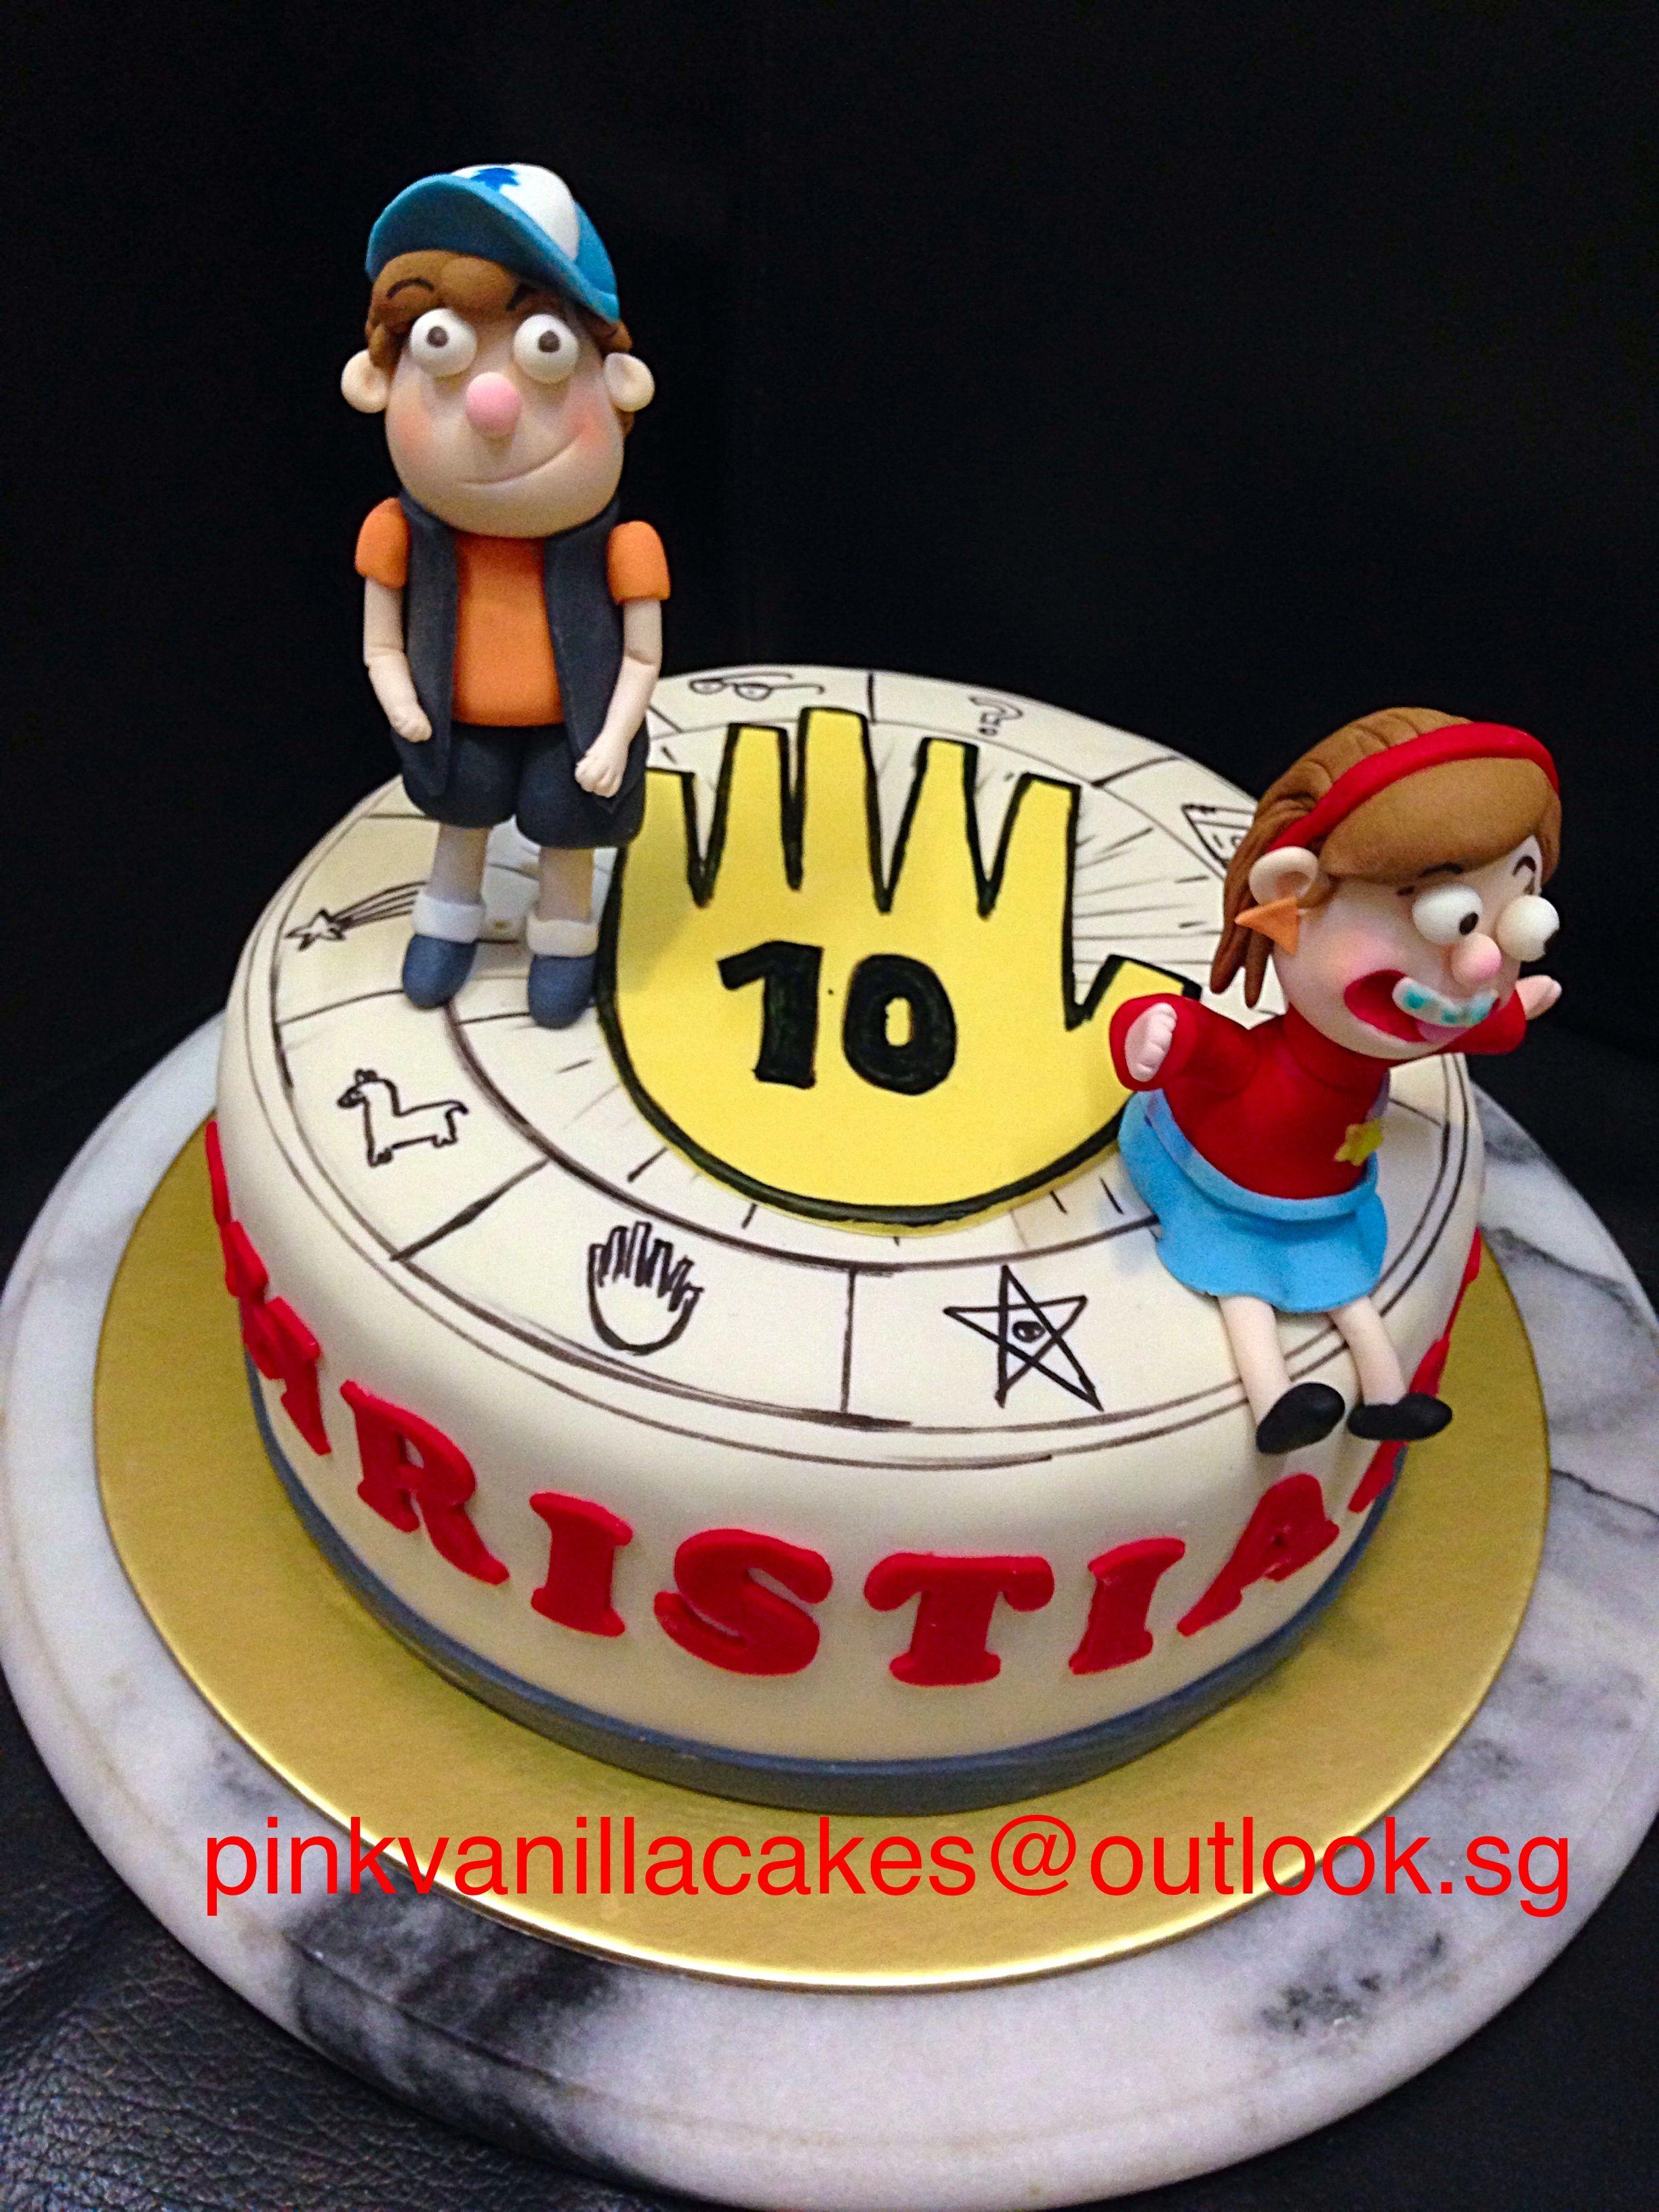 3d Birthday Cake Singapore Pinkvanillacakes Kids Birthday Cakes